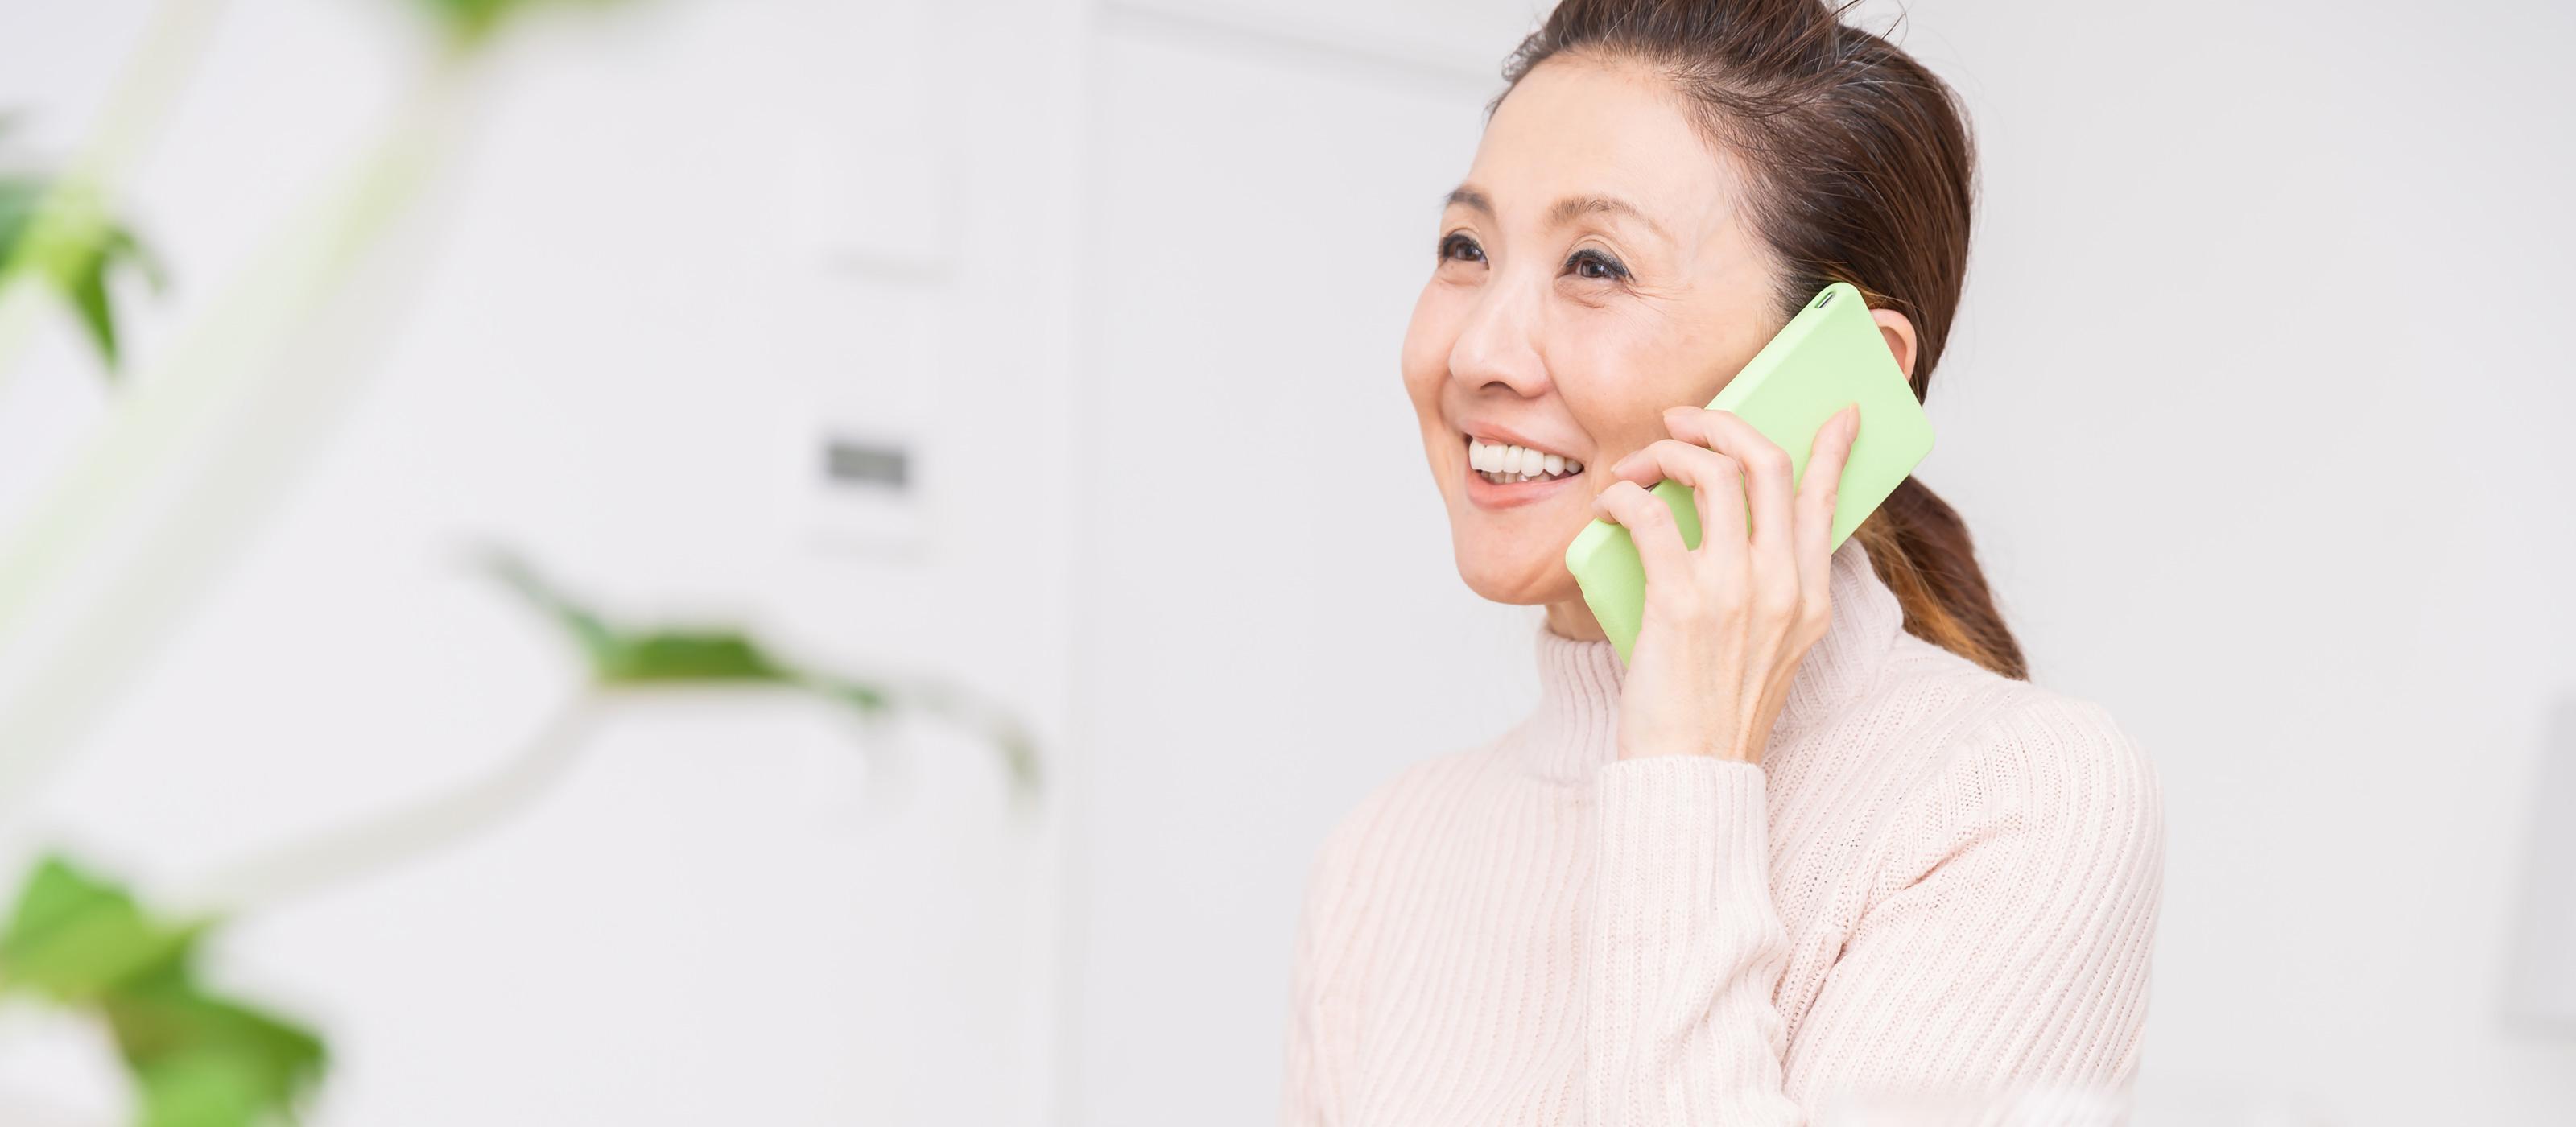 電話によるセッション